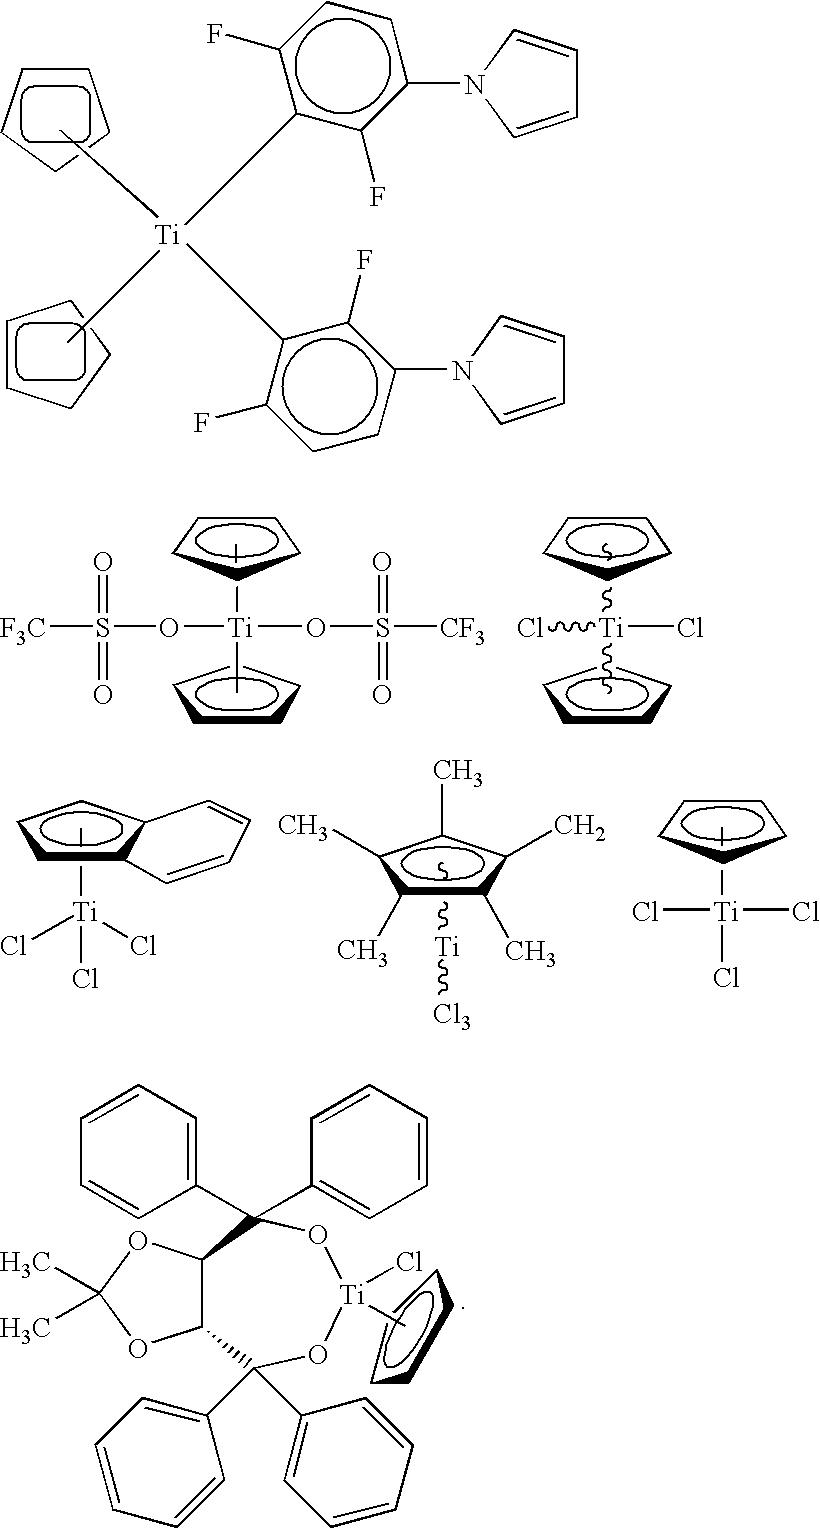 Figure US20090246657A1-20091001-C00025